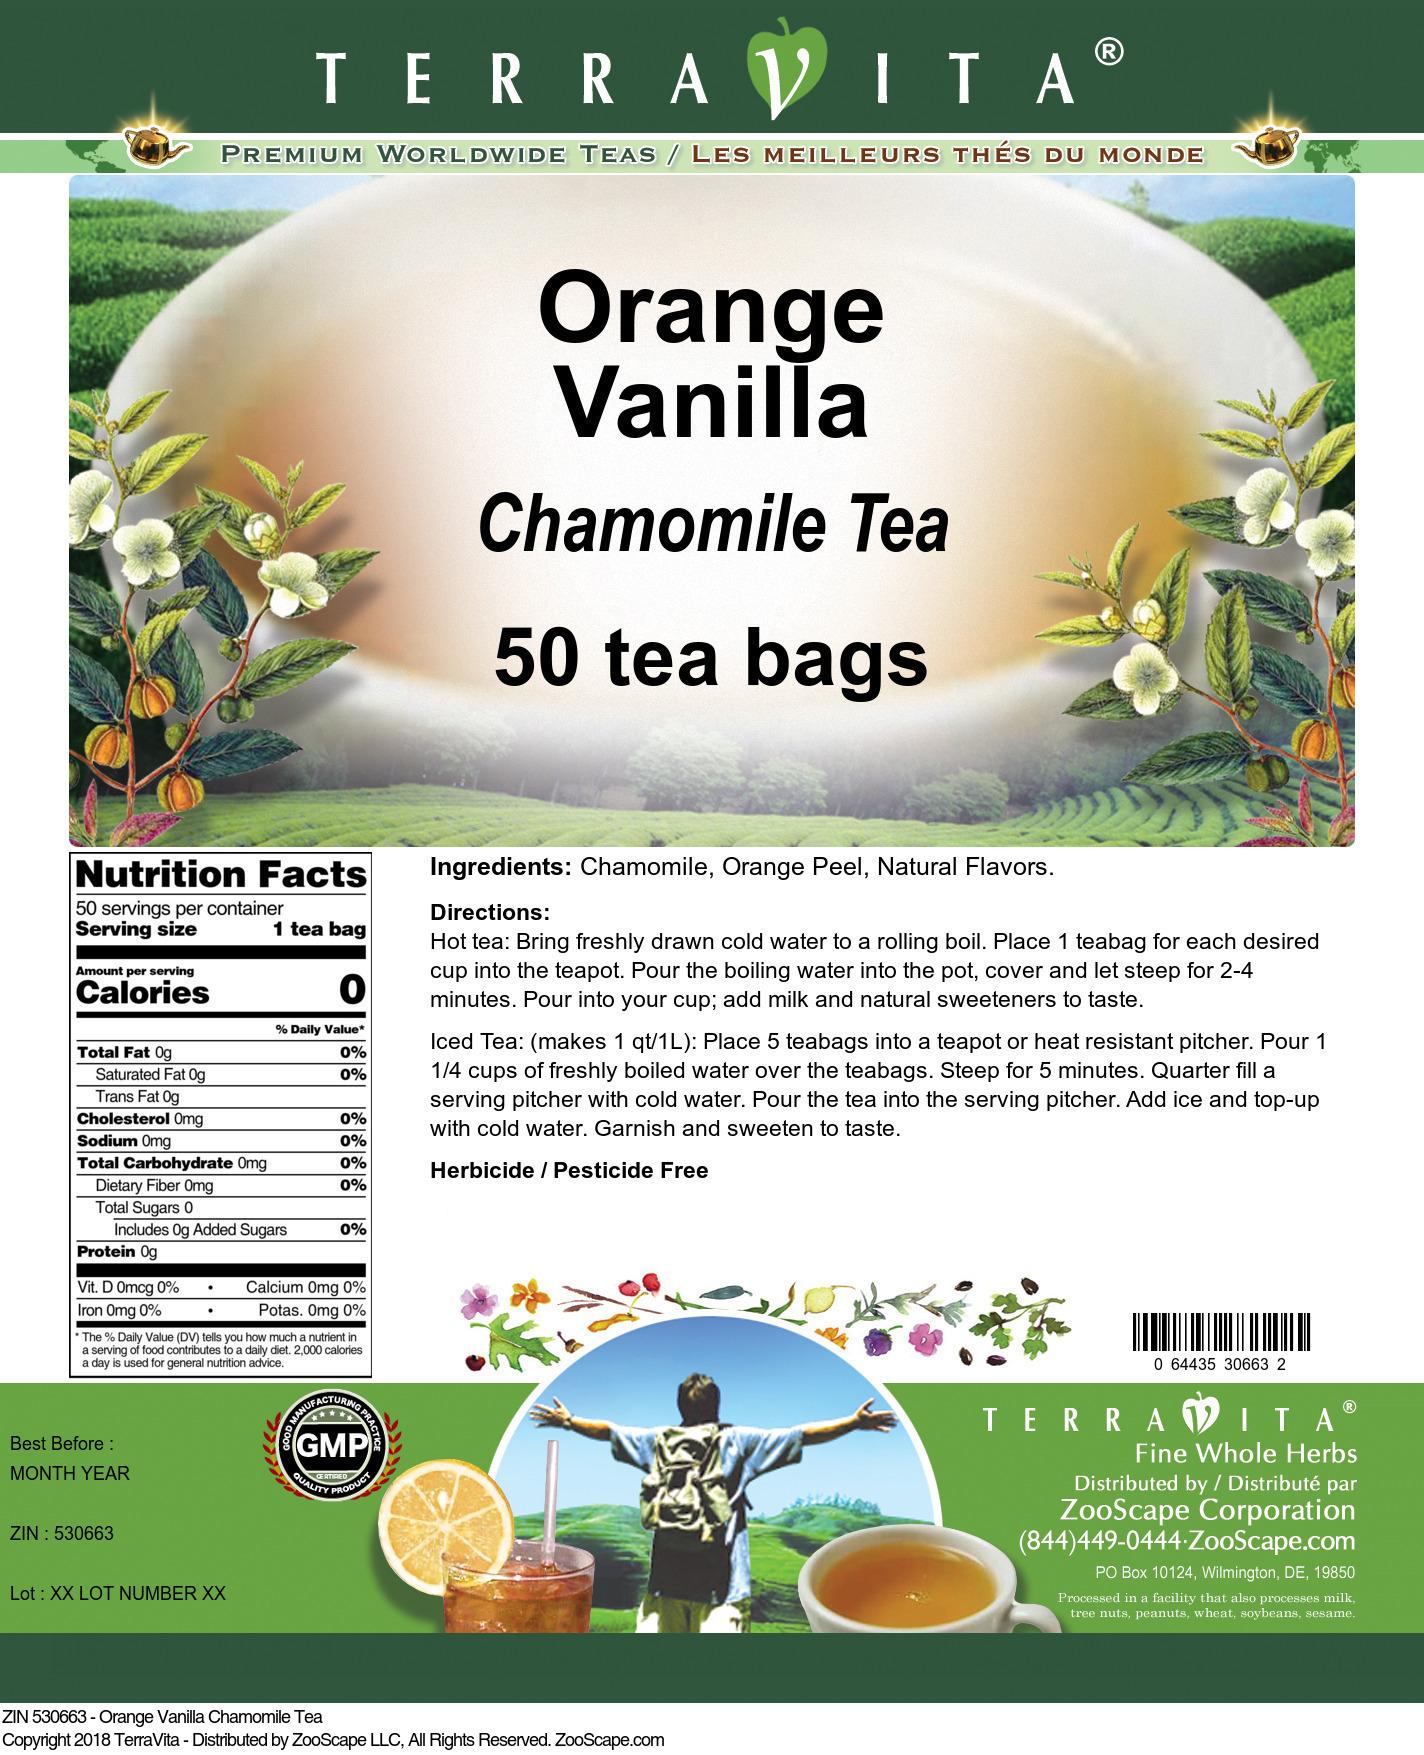 Orange Vanilla Chamomile Tea